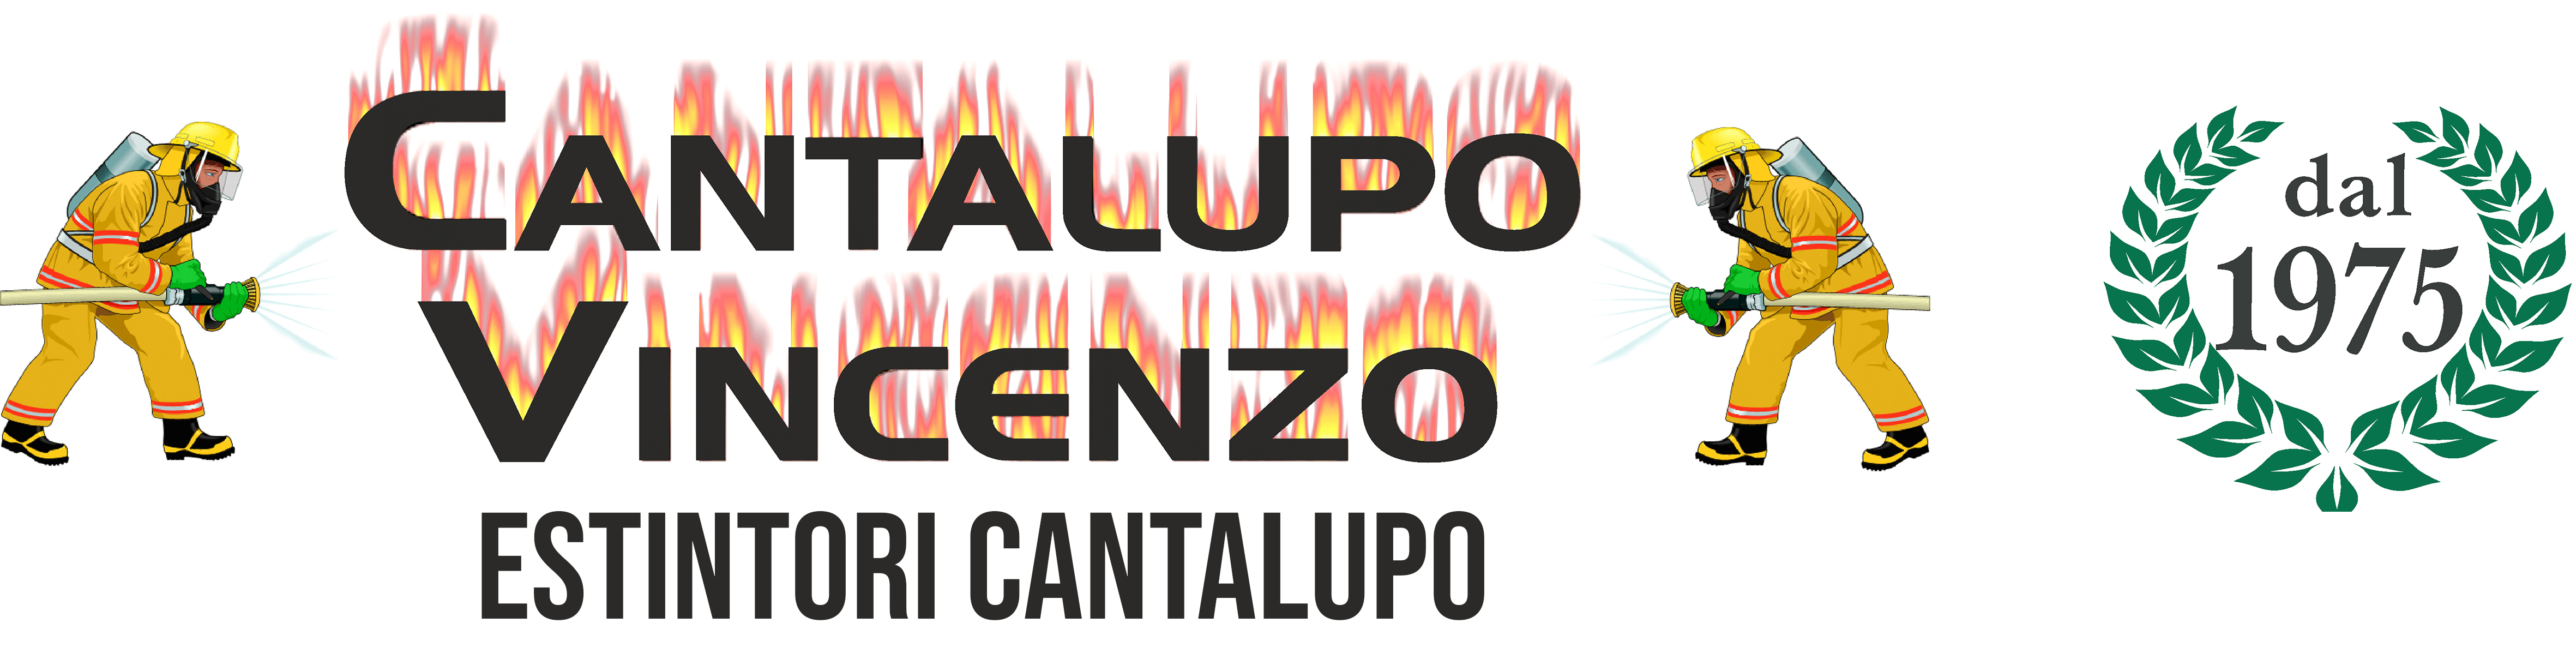 Estintori Cantalupo